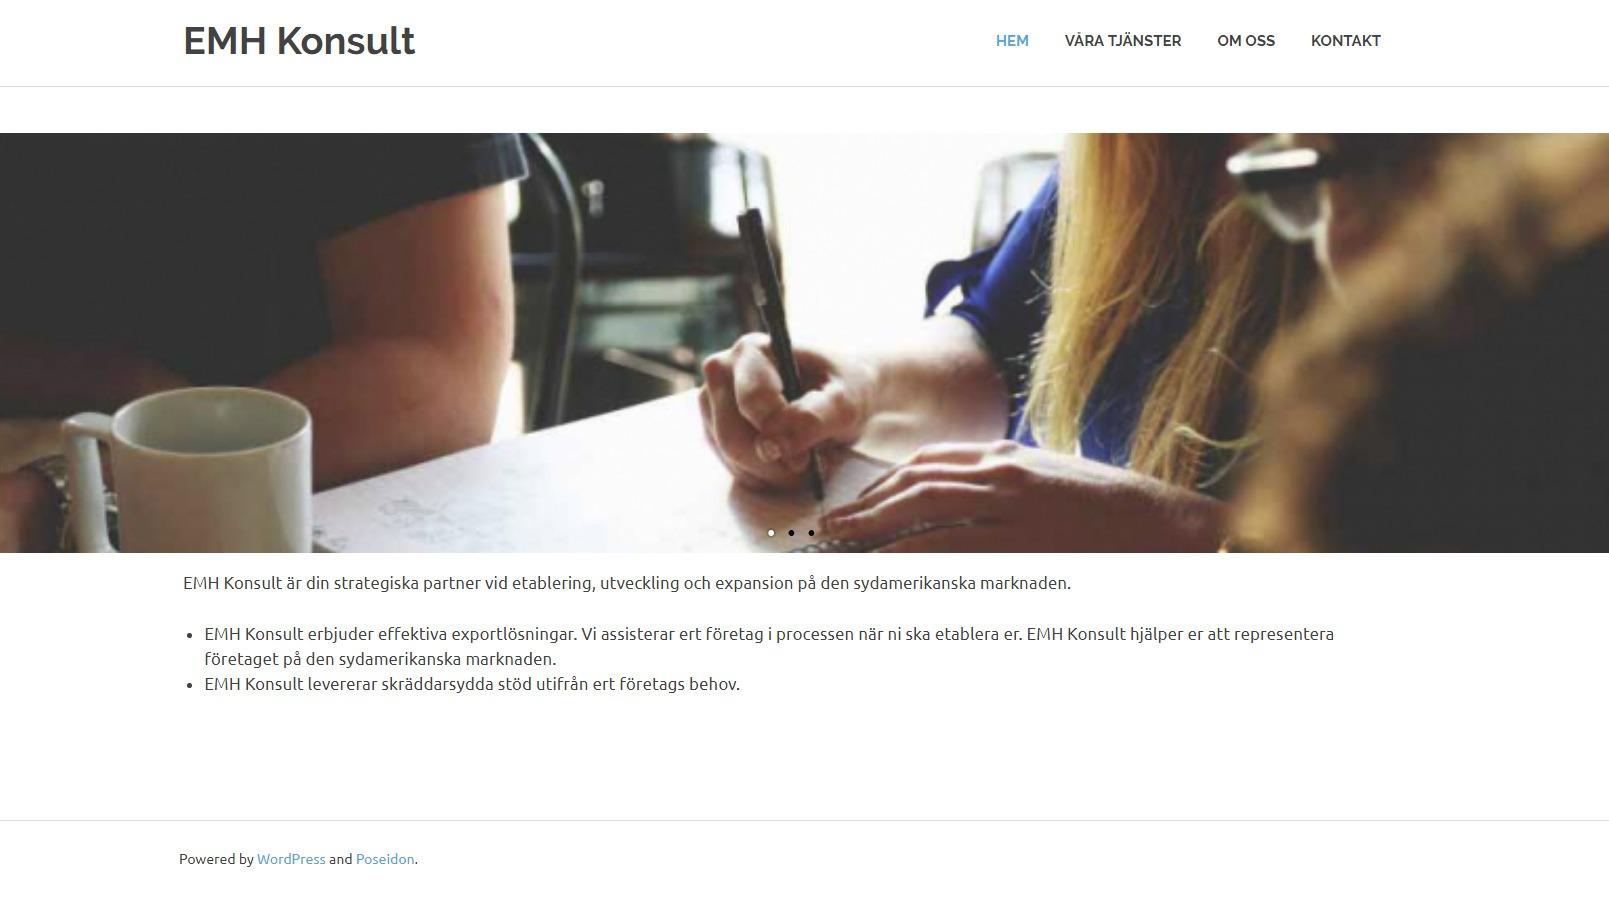 Snygg hemsida exempel och inspiration snygga hemsidor 2018 EMH konsult